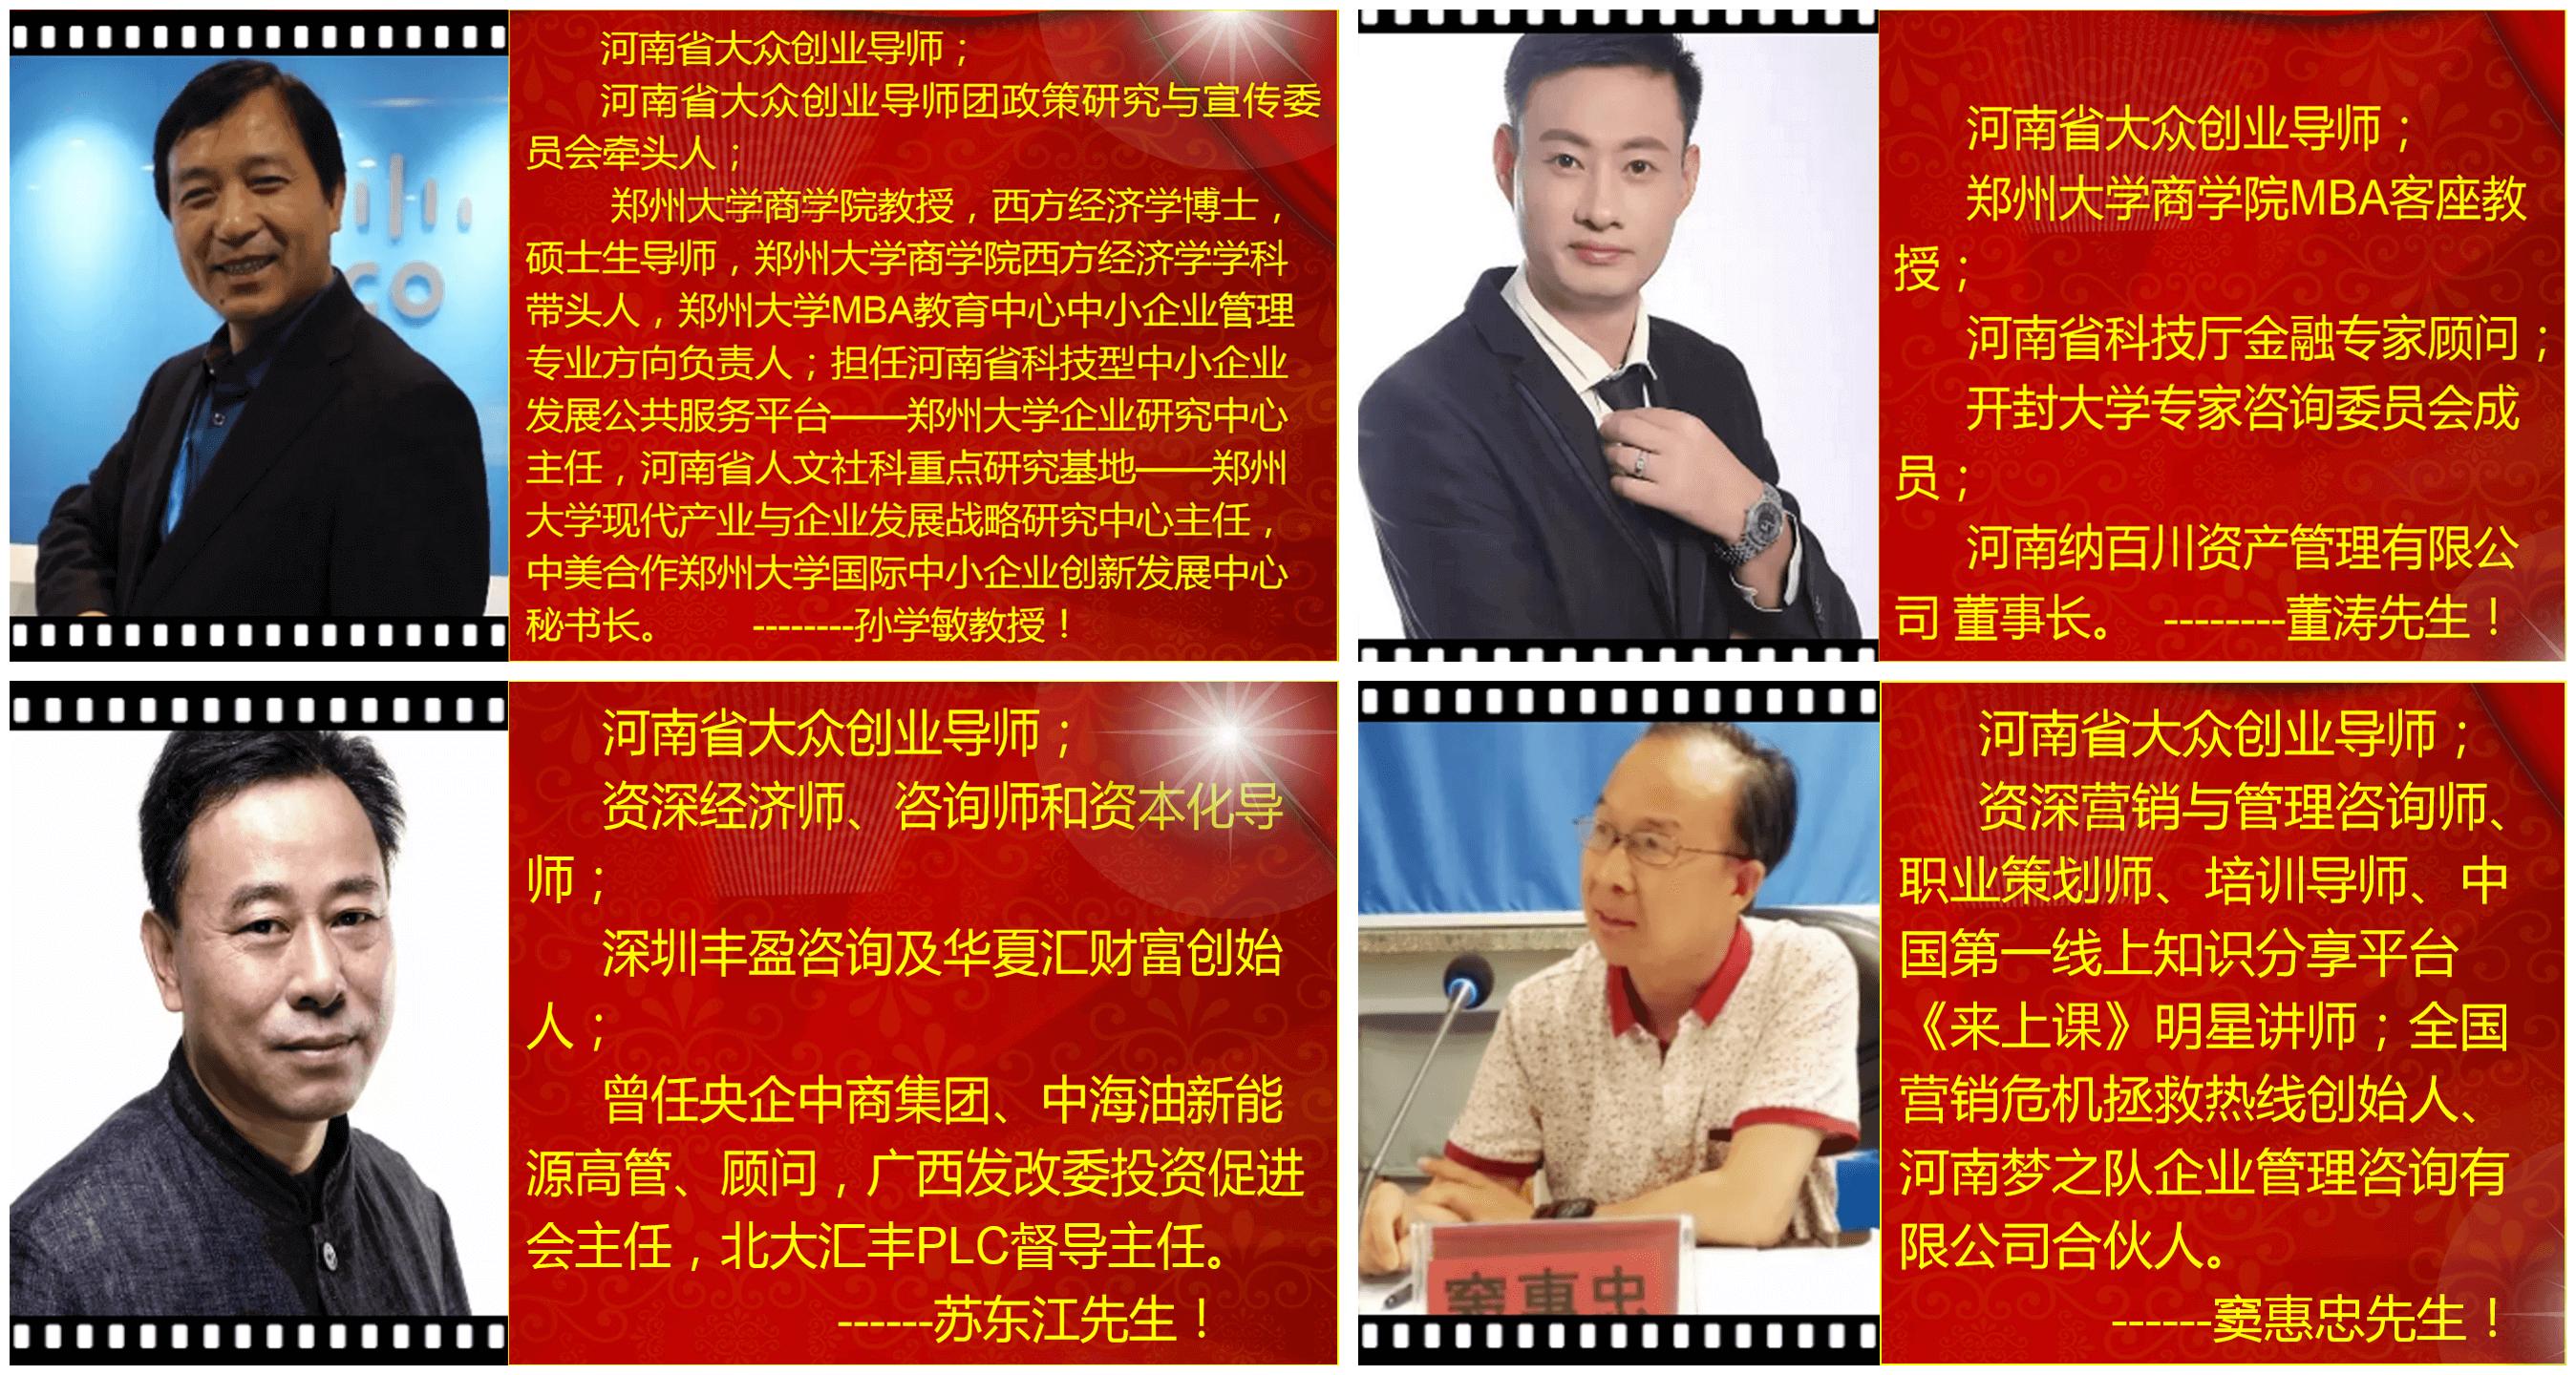 孙学敏教授-1 (1) (1).png